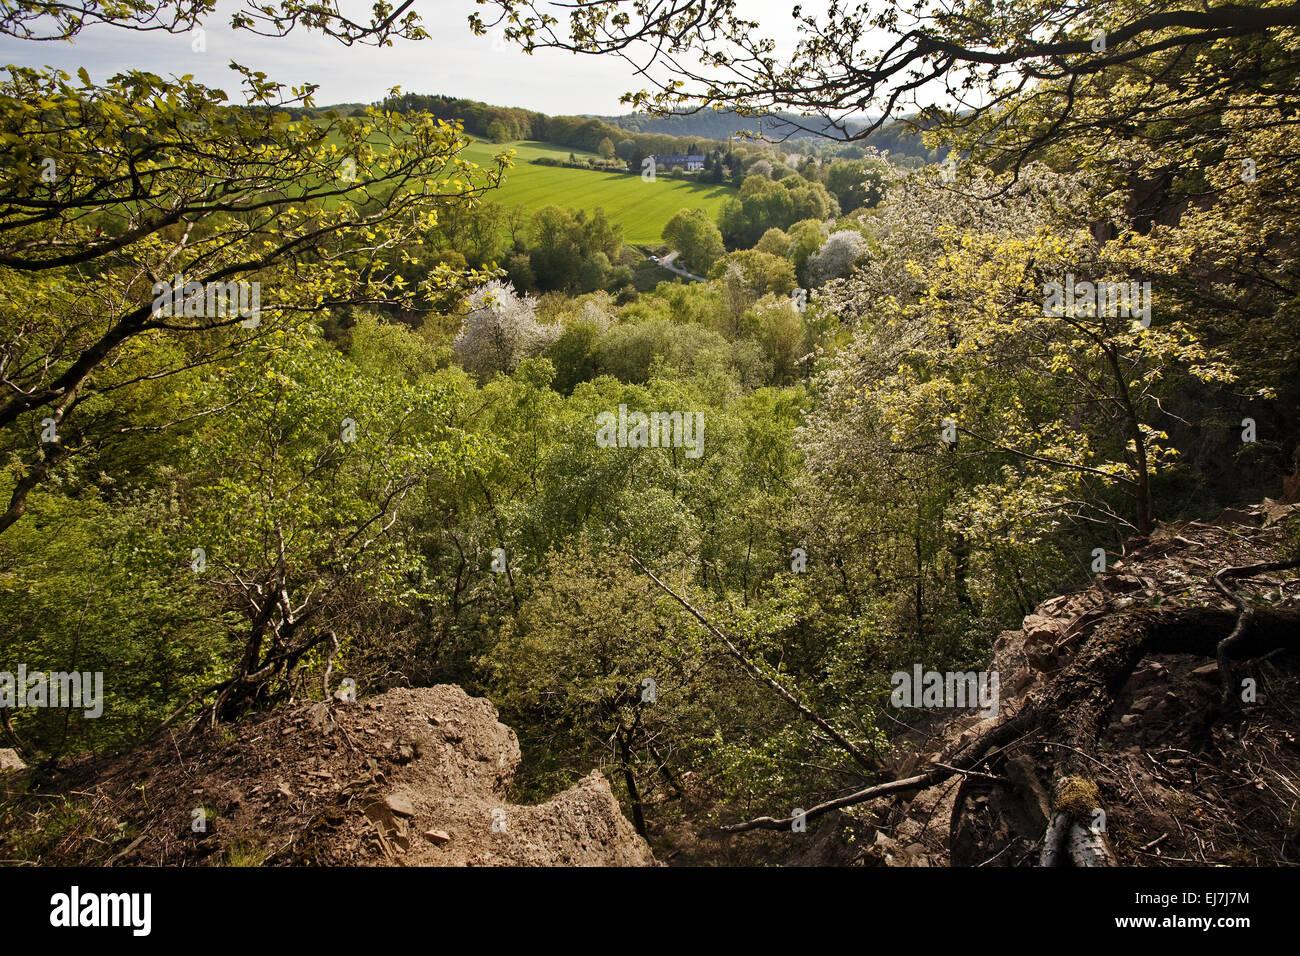 Mutten Valley, Witten, Germany - Stock Image